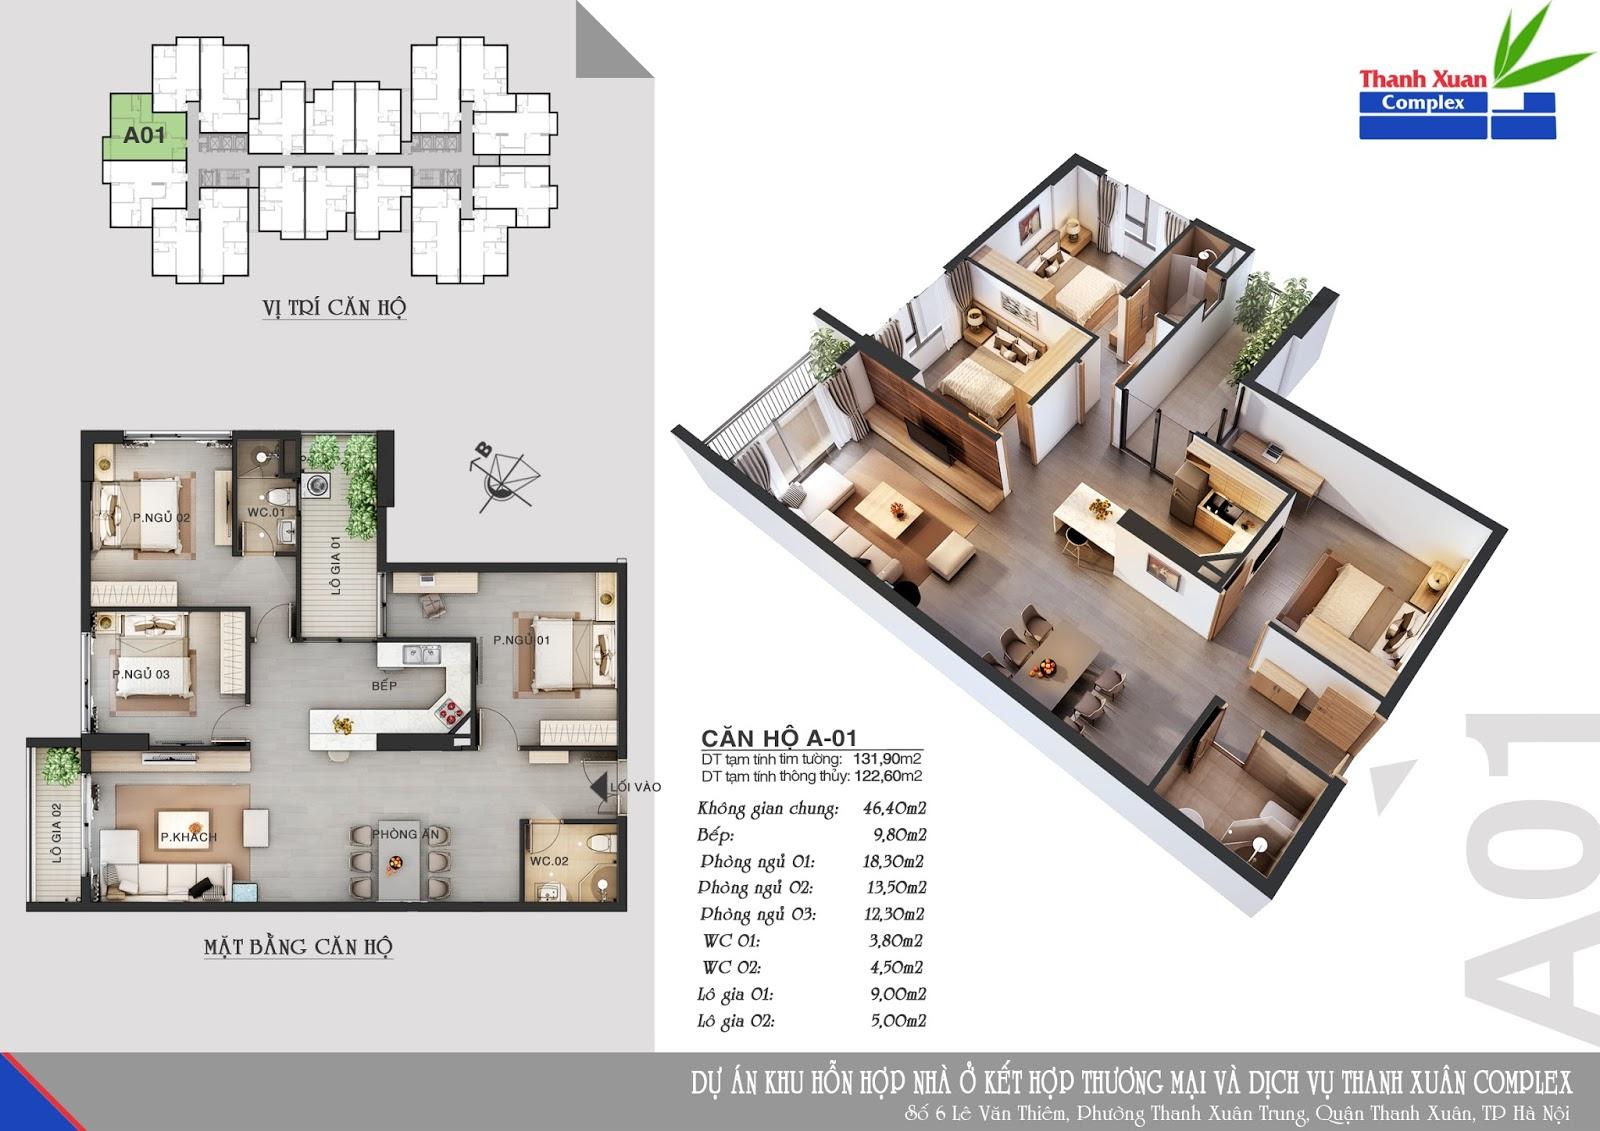 Mặt bằng căn hộ chung cư Thanh Xuân Complex